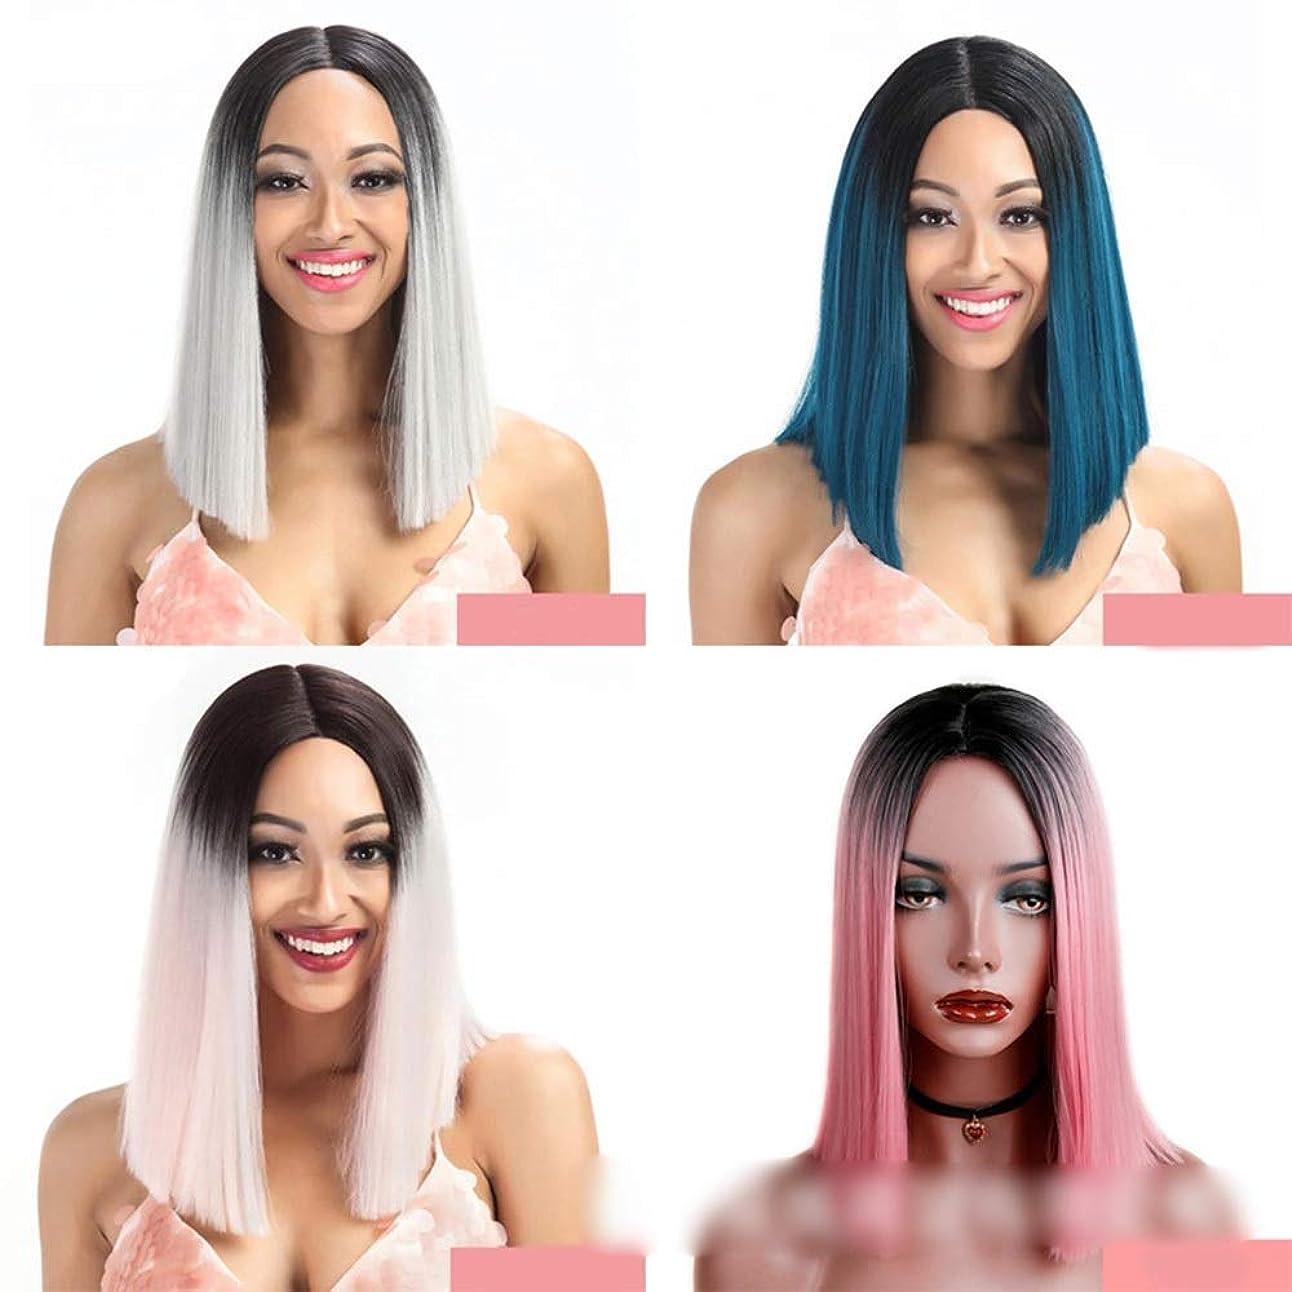 入力世紀これらYESONEEP ピンクのショートボブウィッグストレートショルダーレングスの毛14インチ160グラム女性のための人工毛ウィッグ (Color : ブルー)